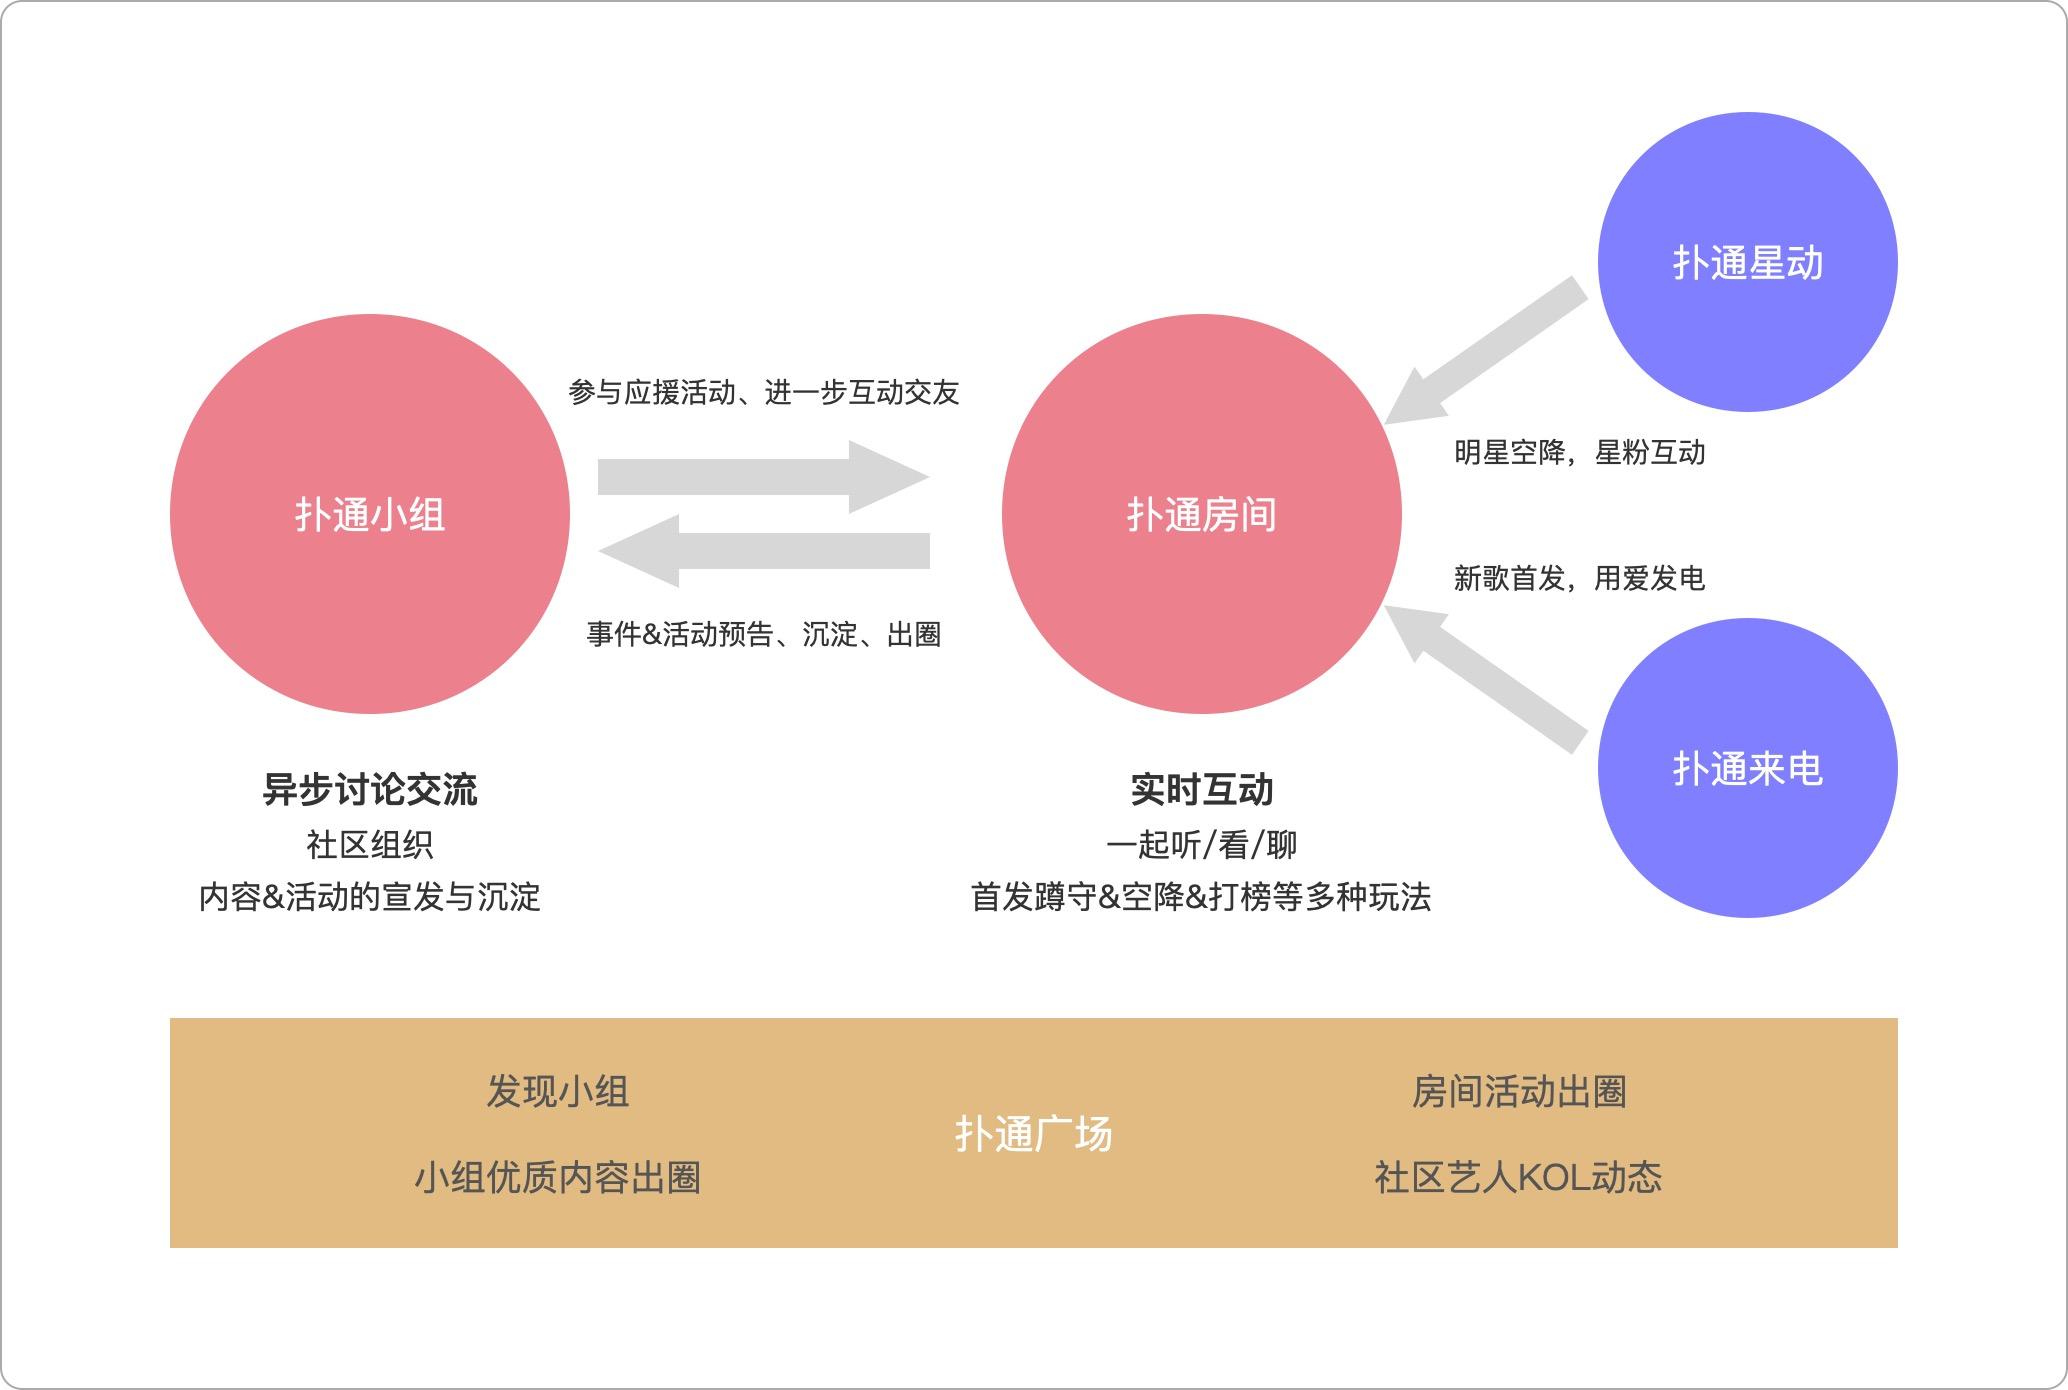 拆解QQ音乐扑通社区:聊聊音乐+社区新模式插图6